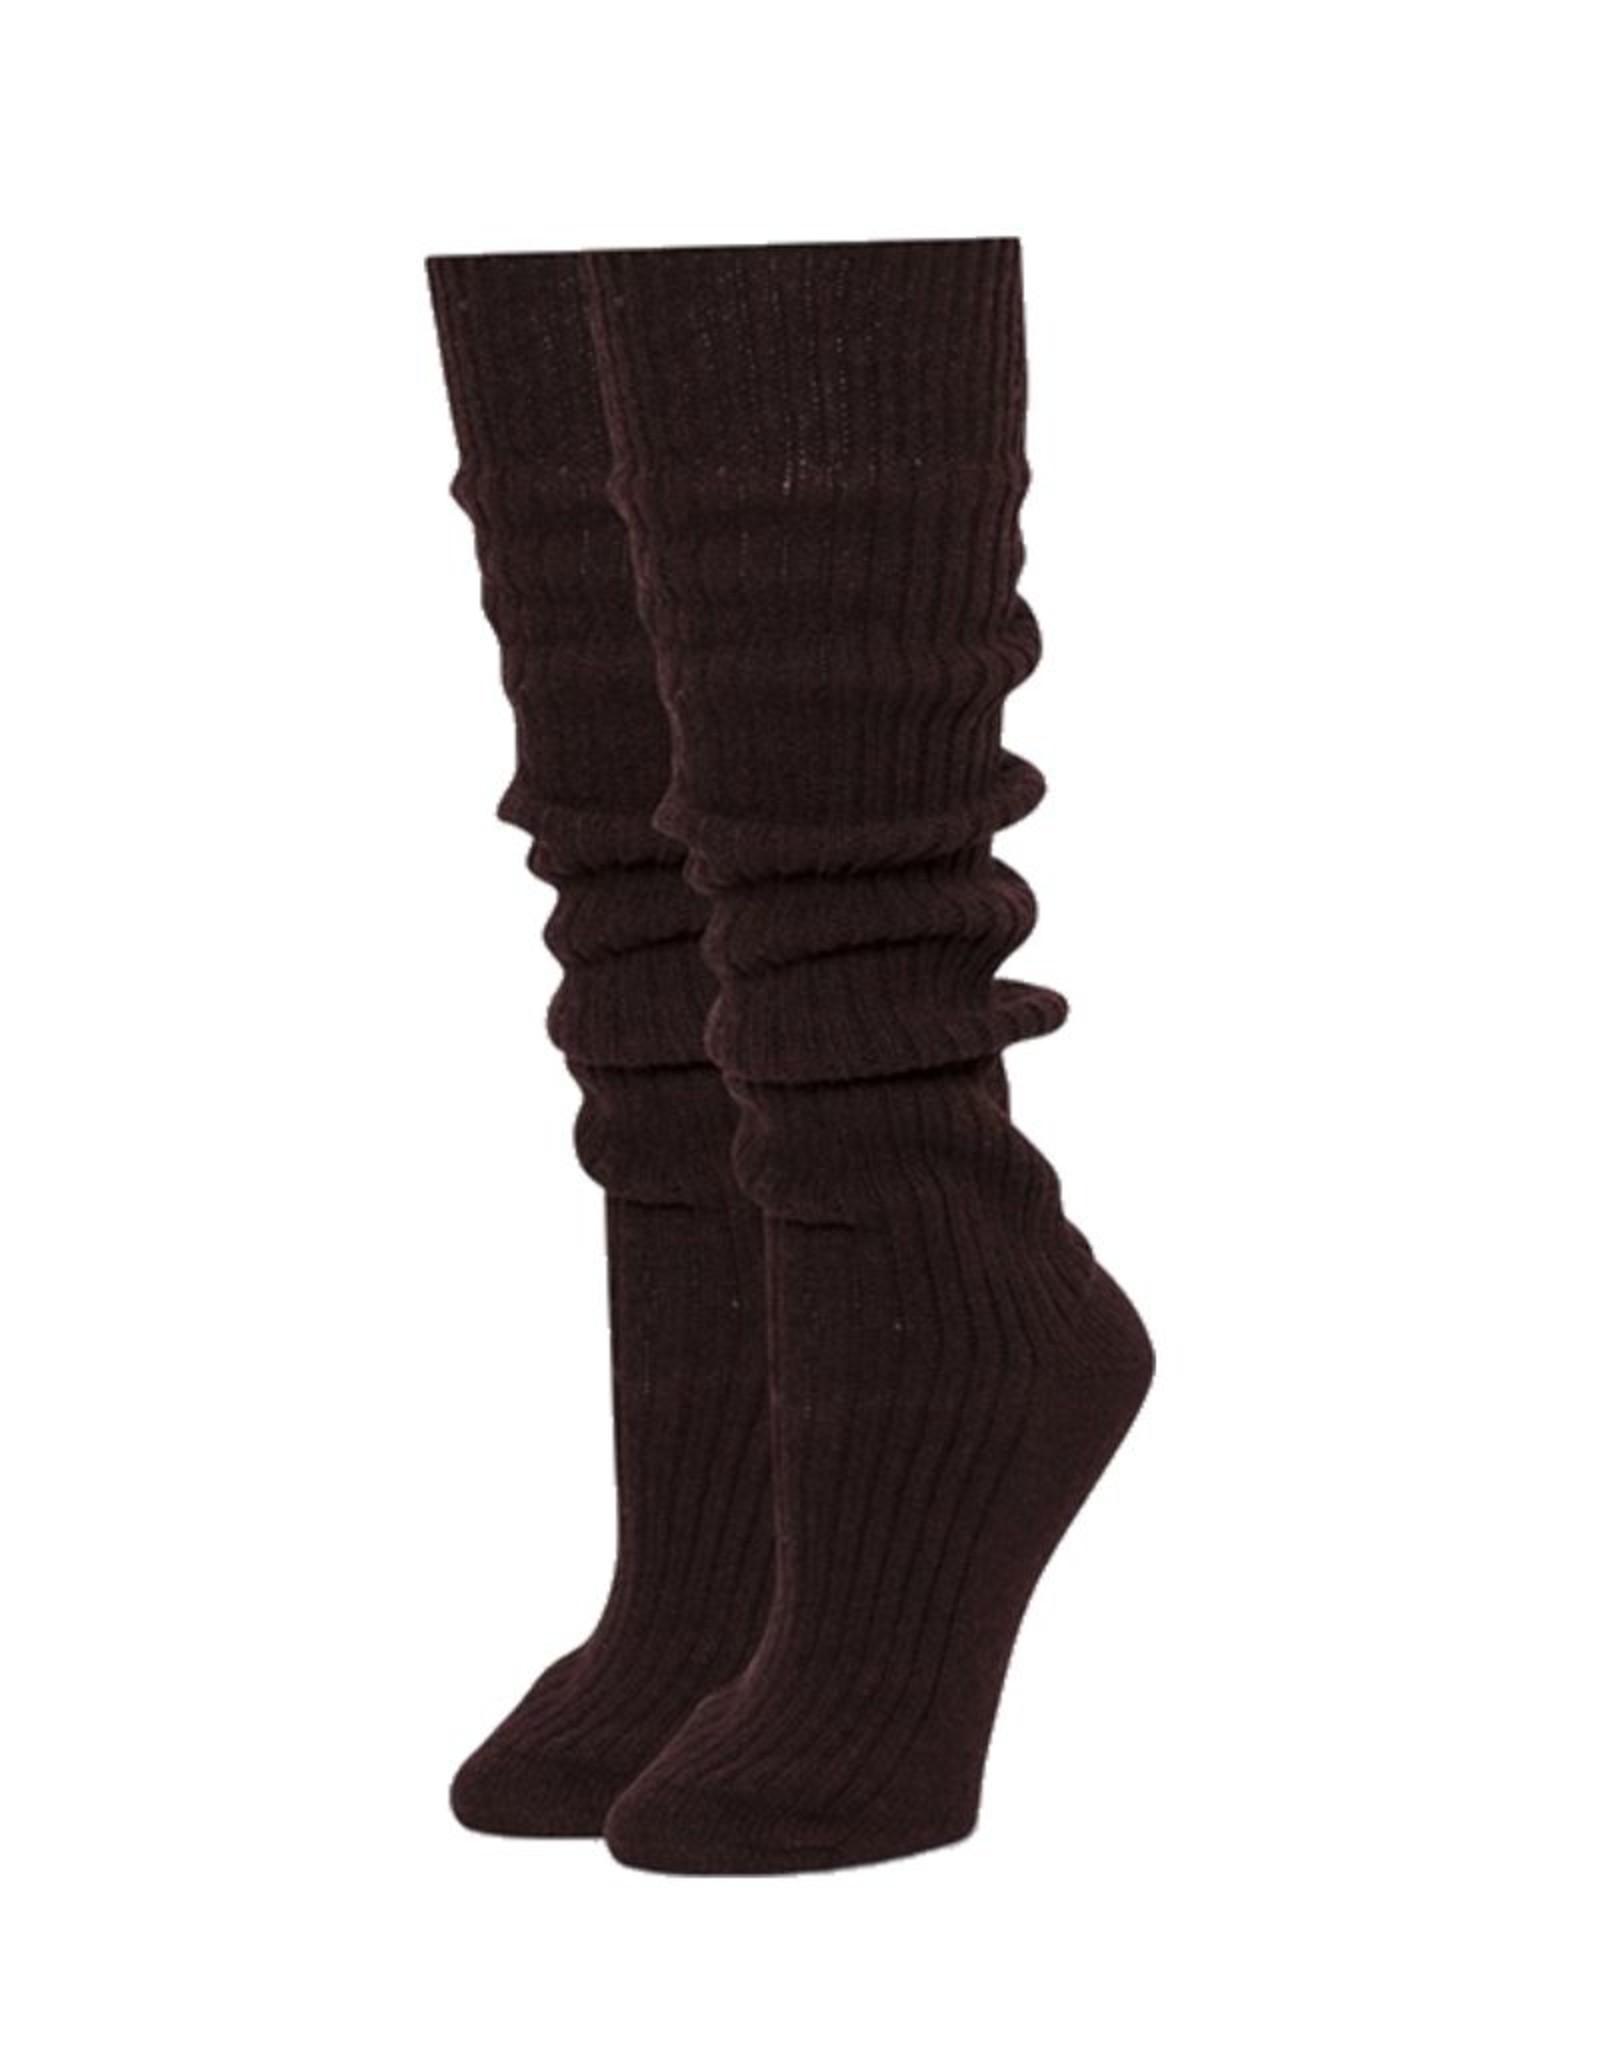 B.ella/Standard Merch Bess Rib Slouch Sock